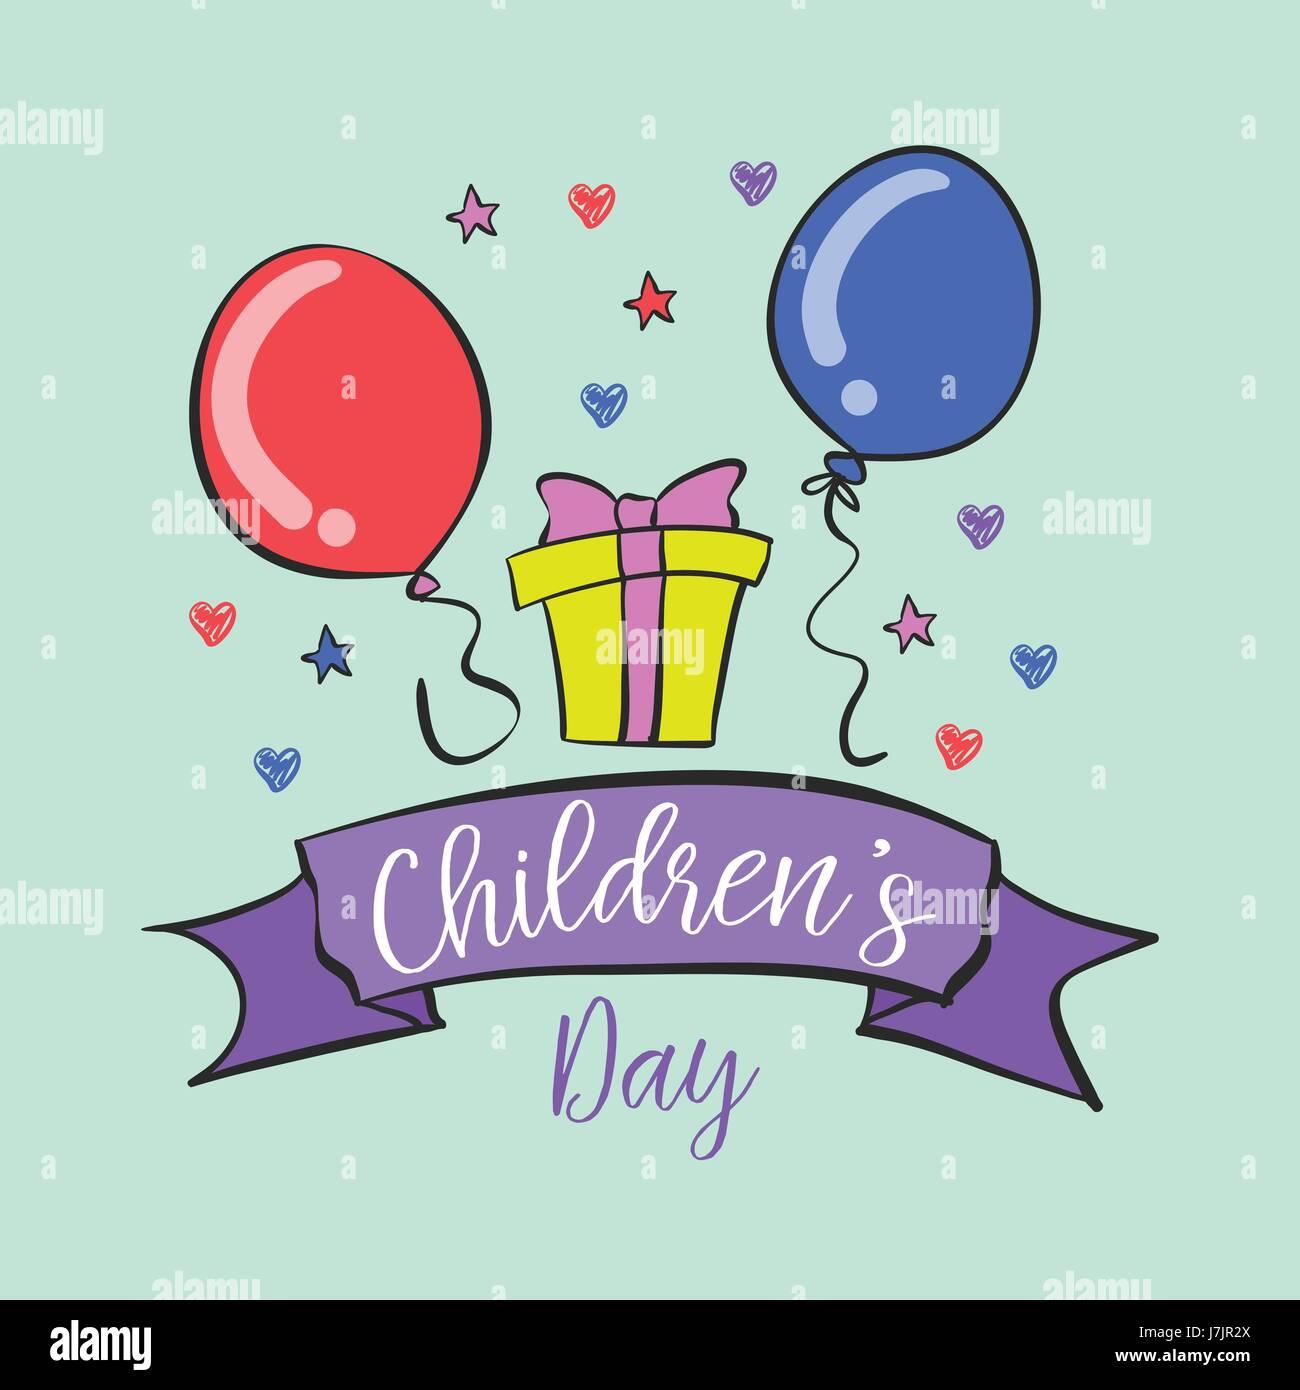 La giornata dei bambini design collection scarabocchi Immagini Stock